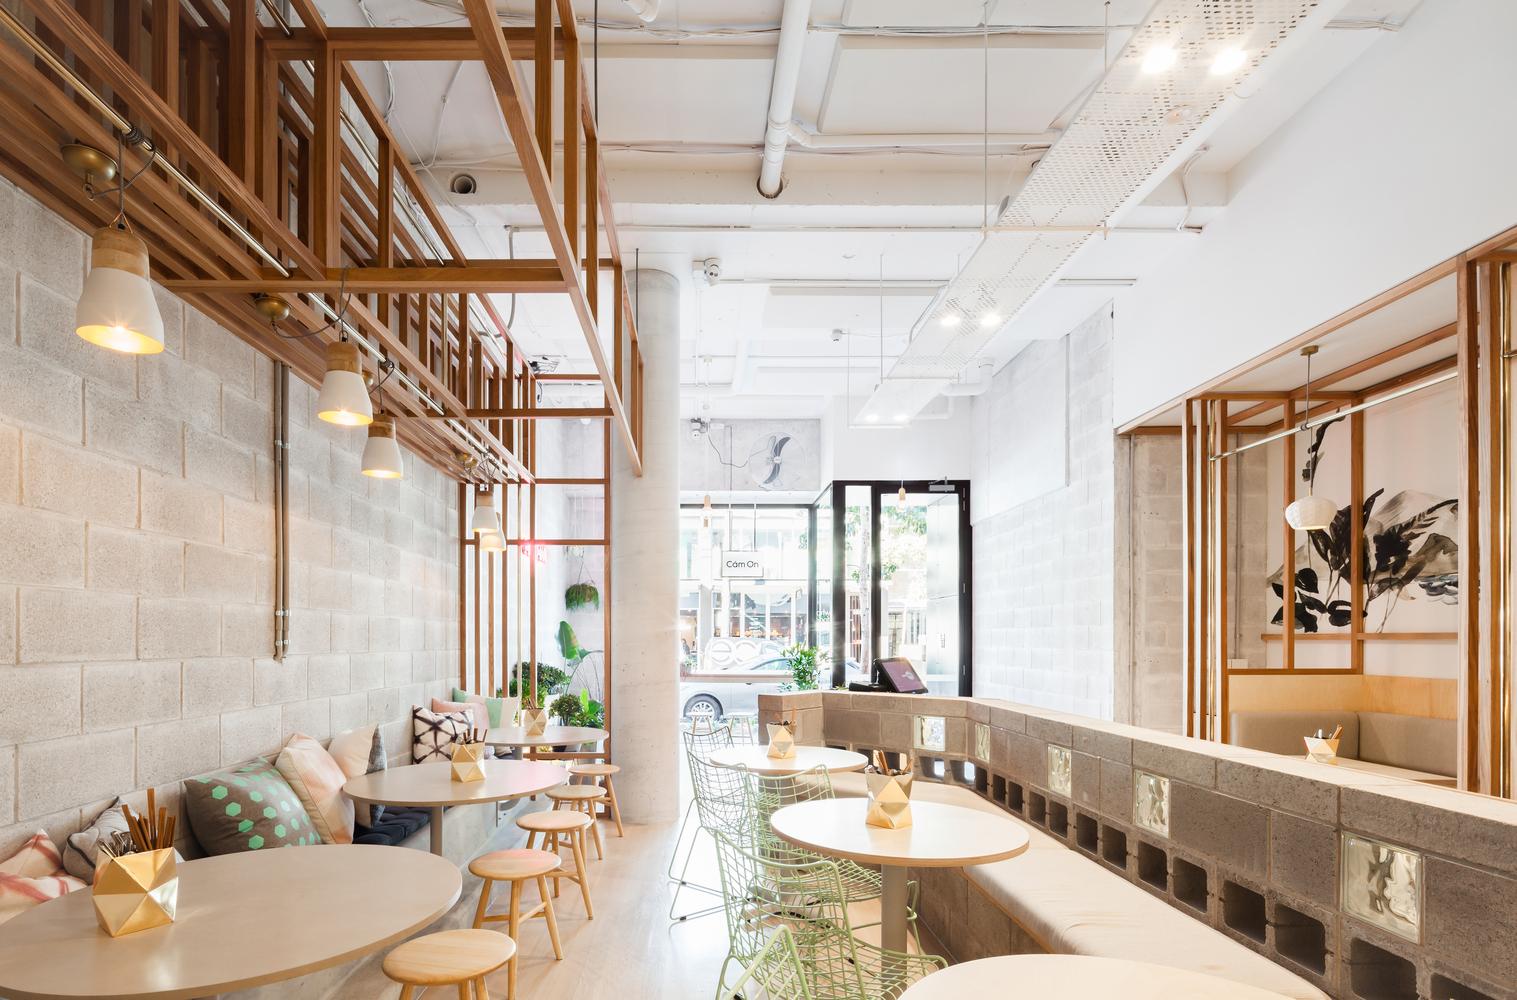 09-melhores-restaurantes-bares-2016-mundo-restaurants-bars-design-award